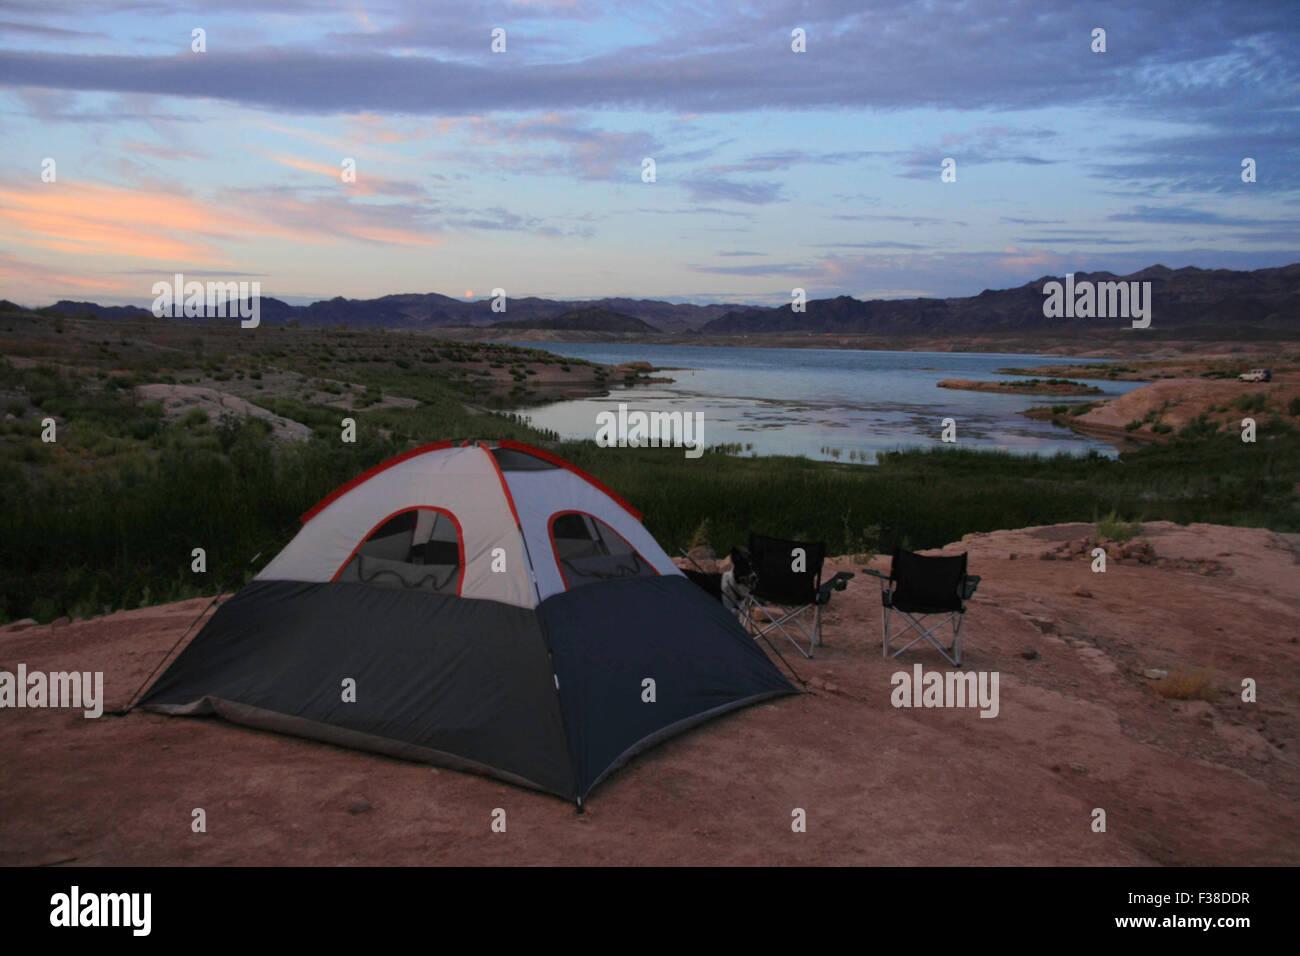 Camping at Lake Mead. - Stock Image